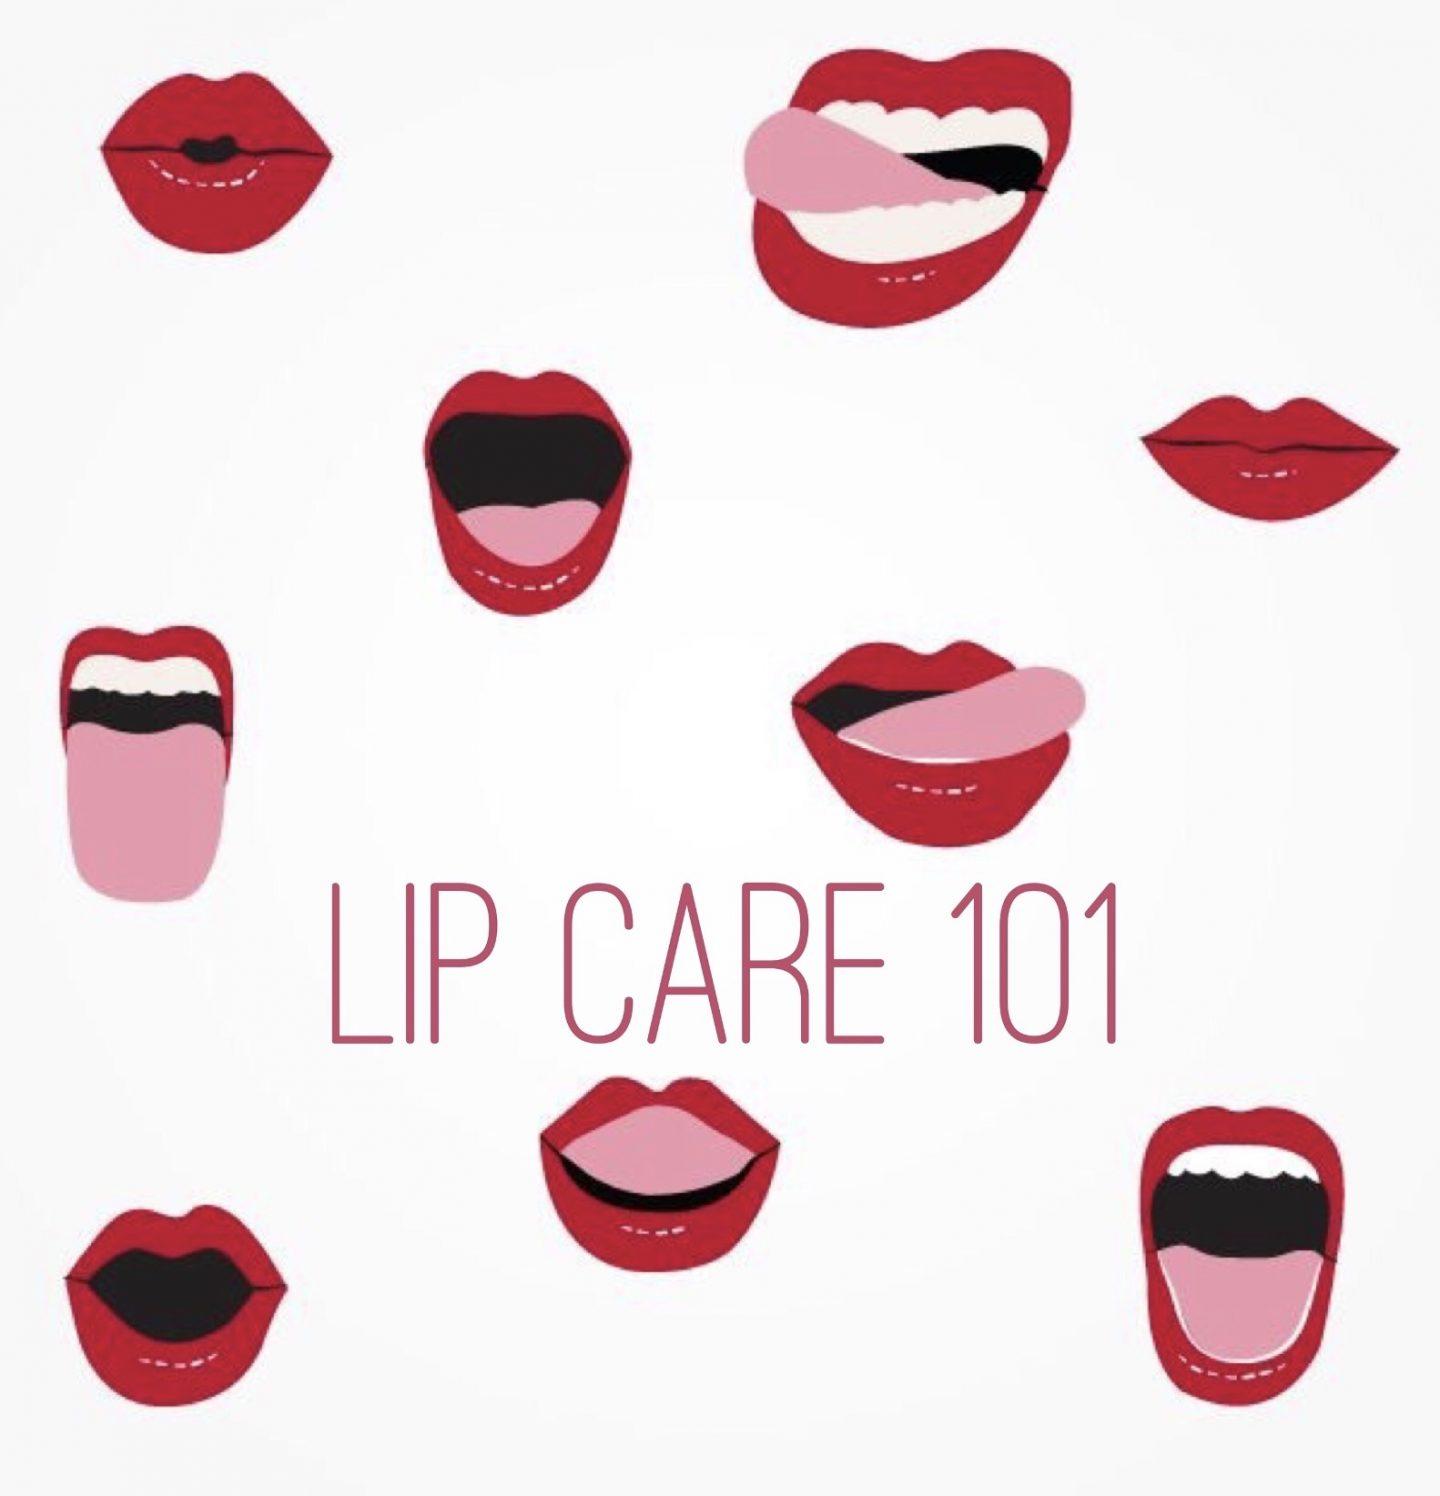 Lip Care 101